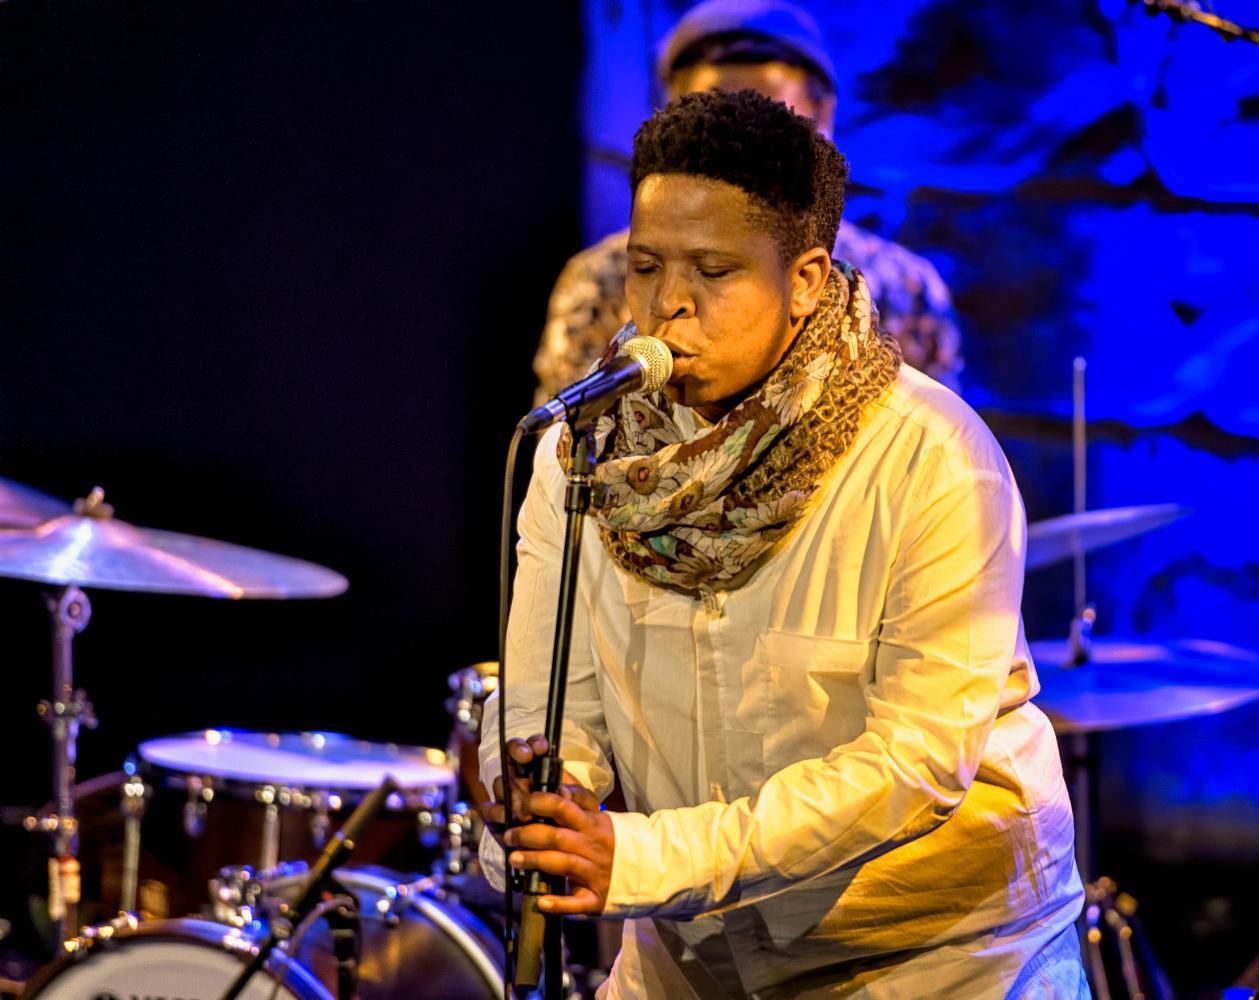 Siyabonga Mthembu with Shabaka and the Ancestors at The Montreal International Jazz Festival 2017